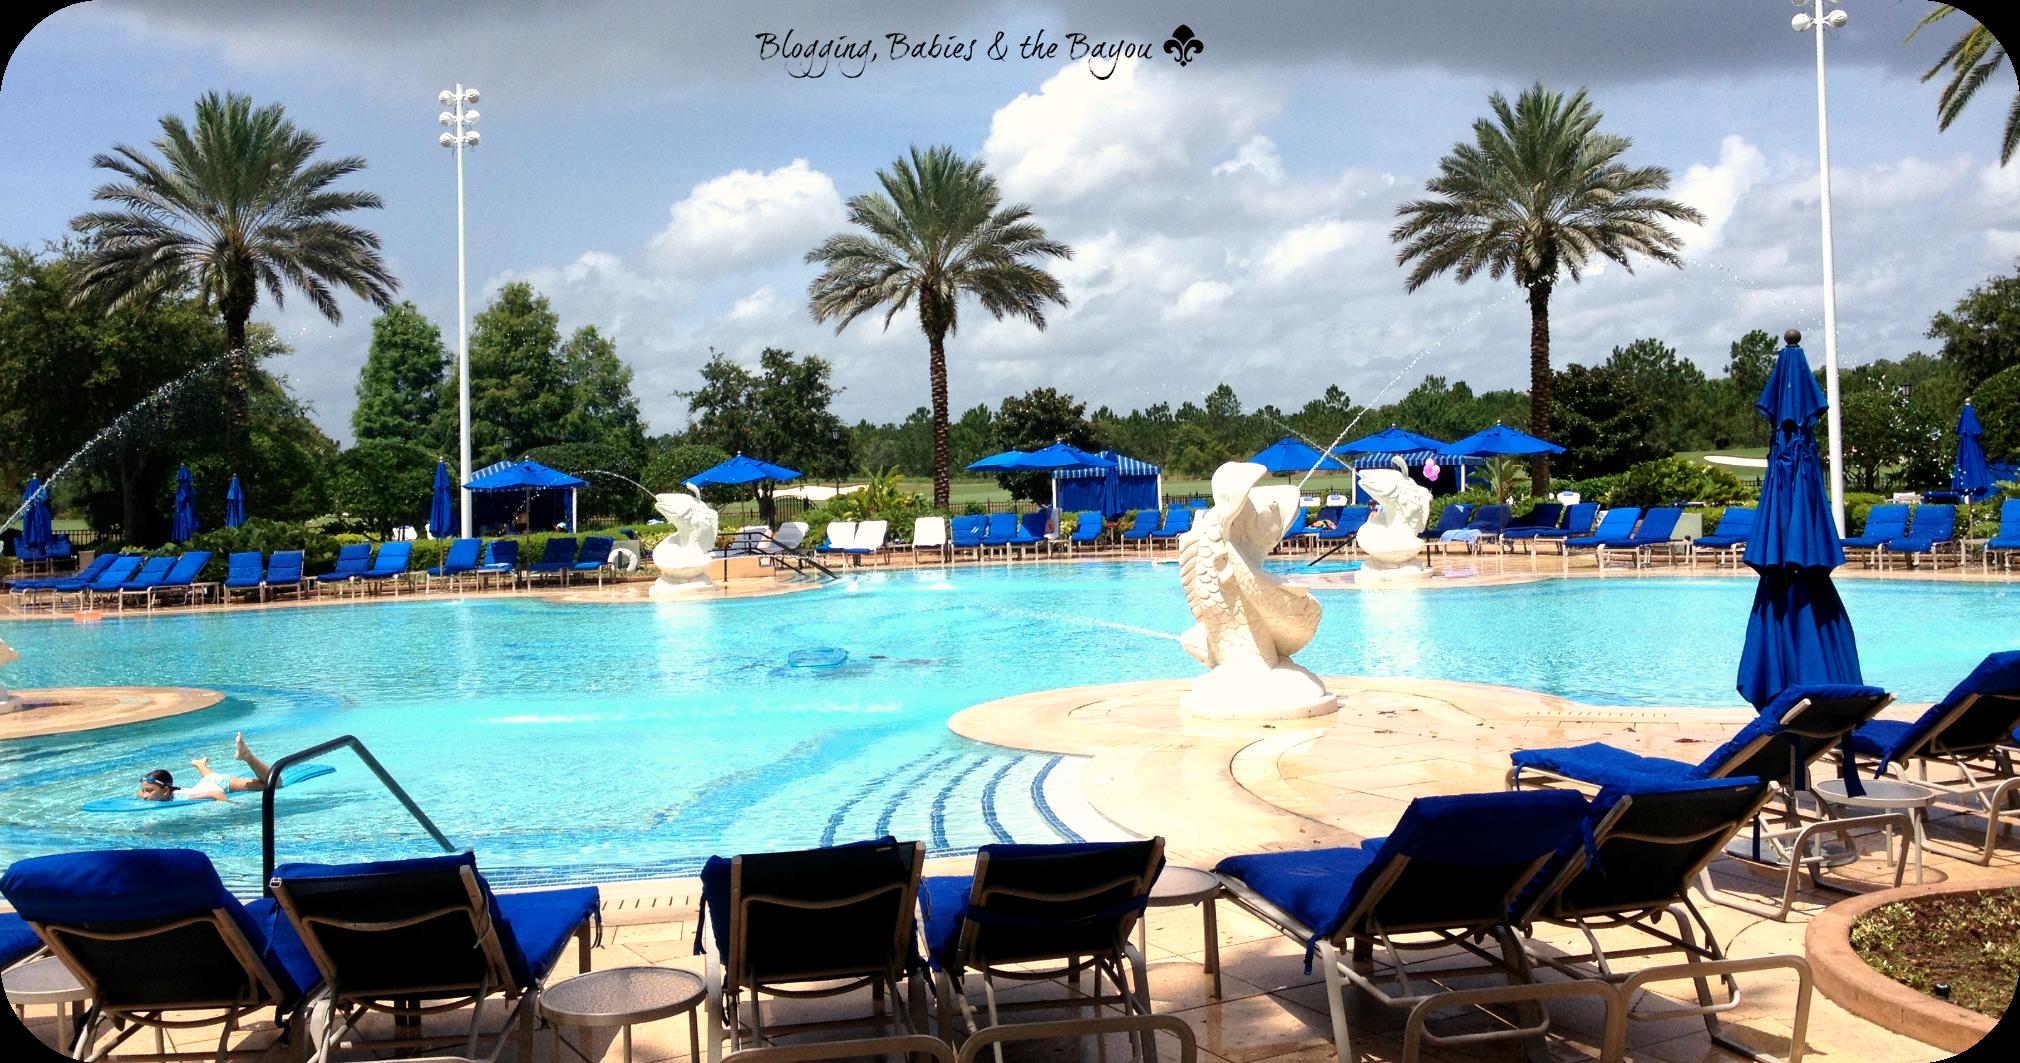 The Ritz-Carlton Grande Lakes Florida